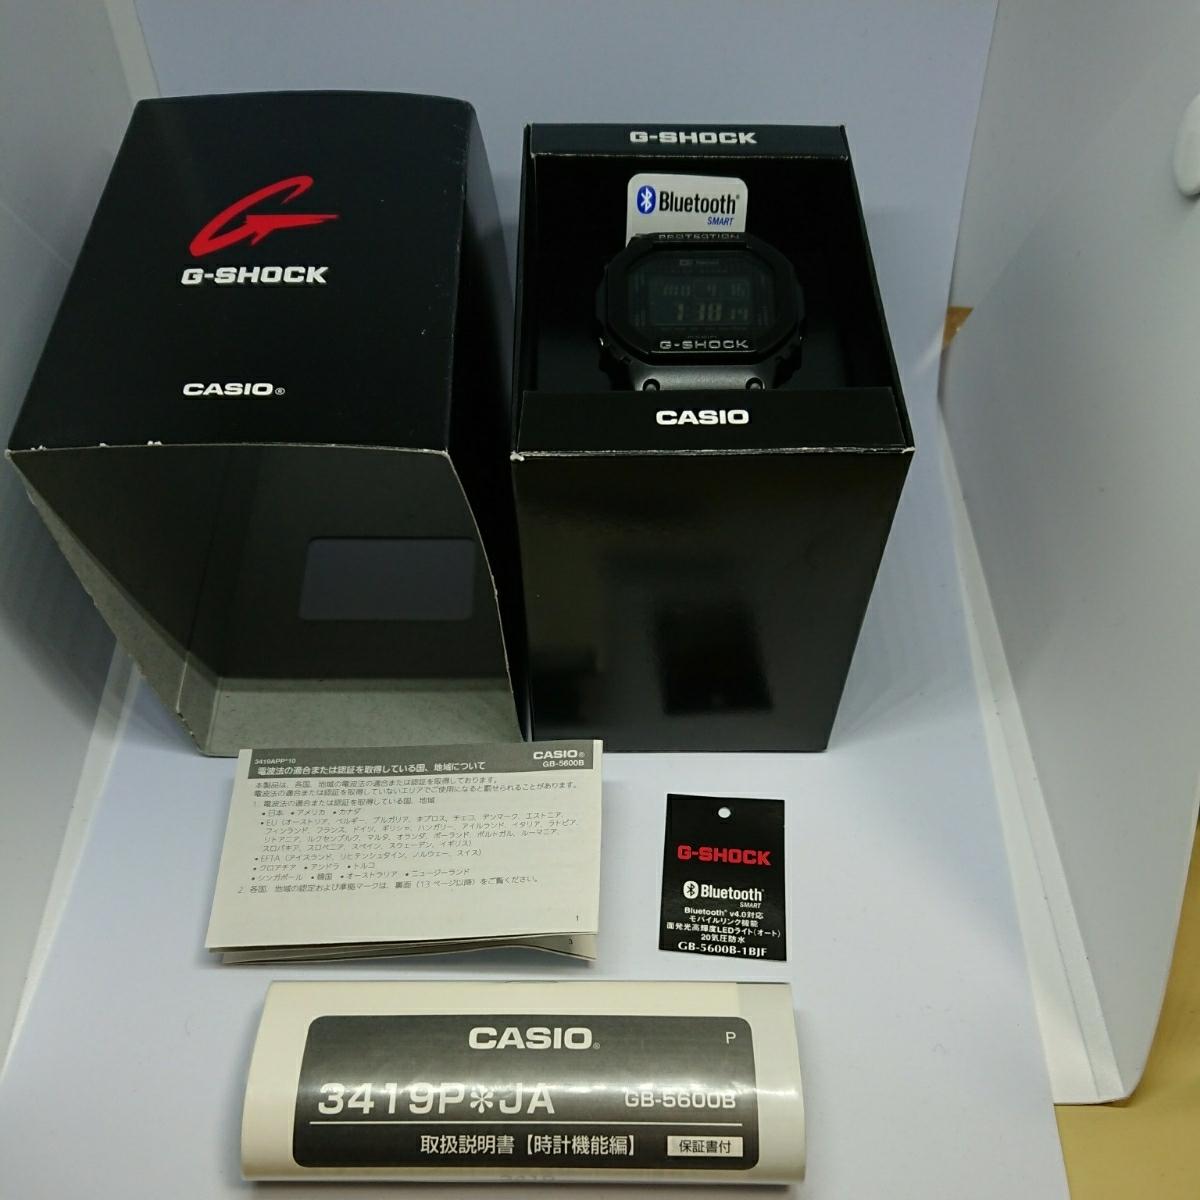 1円~ 新品 CASIO カシオ G-SHOCK Bluetooth モバイルリンク機能 GB-5600B-1BJF スピード系